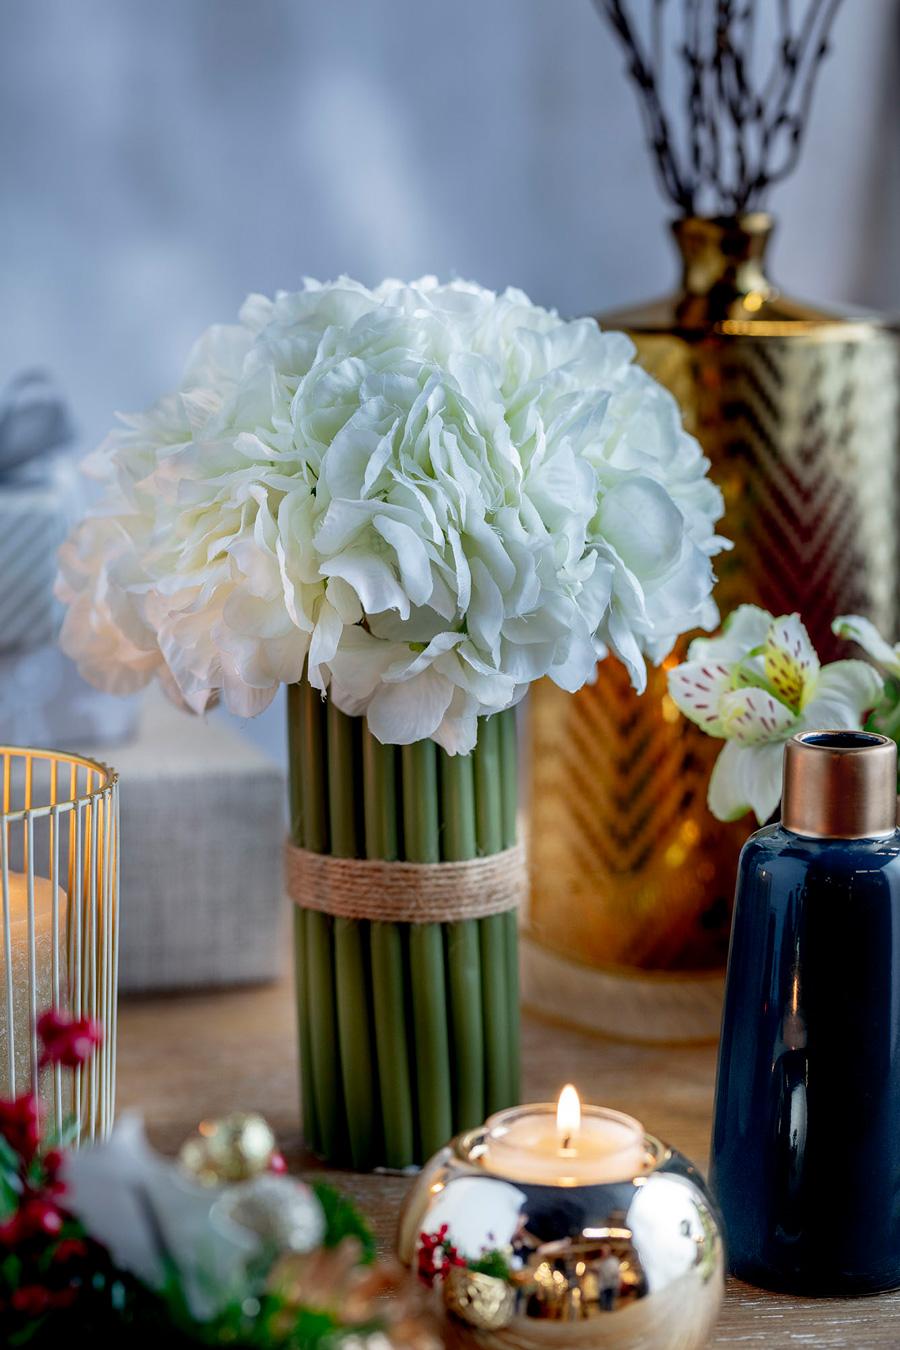 Flores blancas con vela en centro de mesa